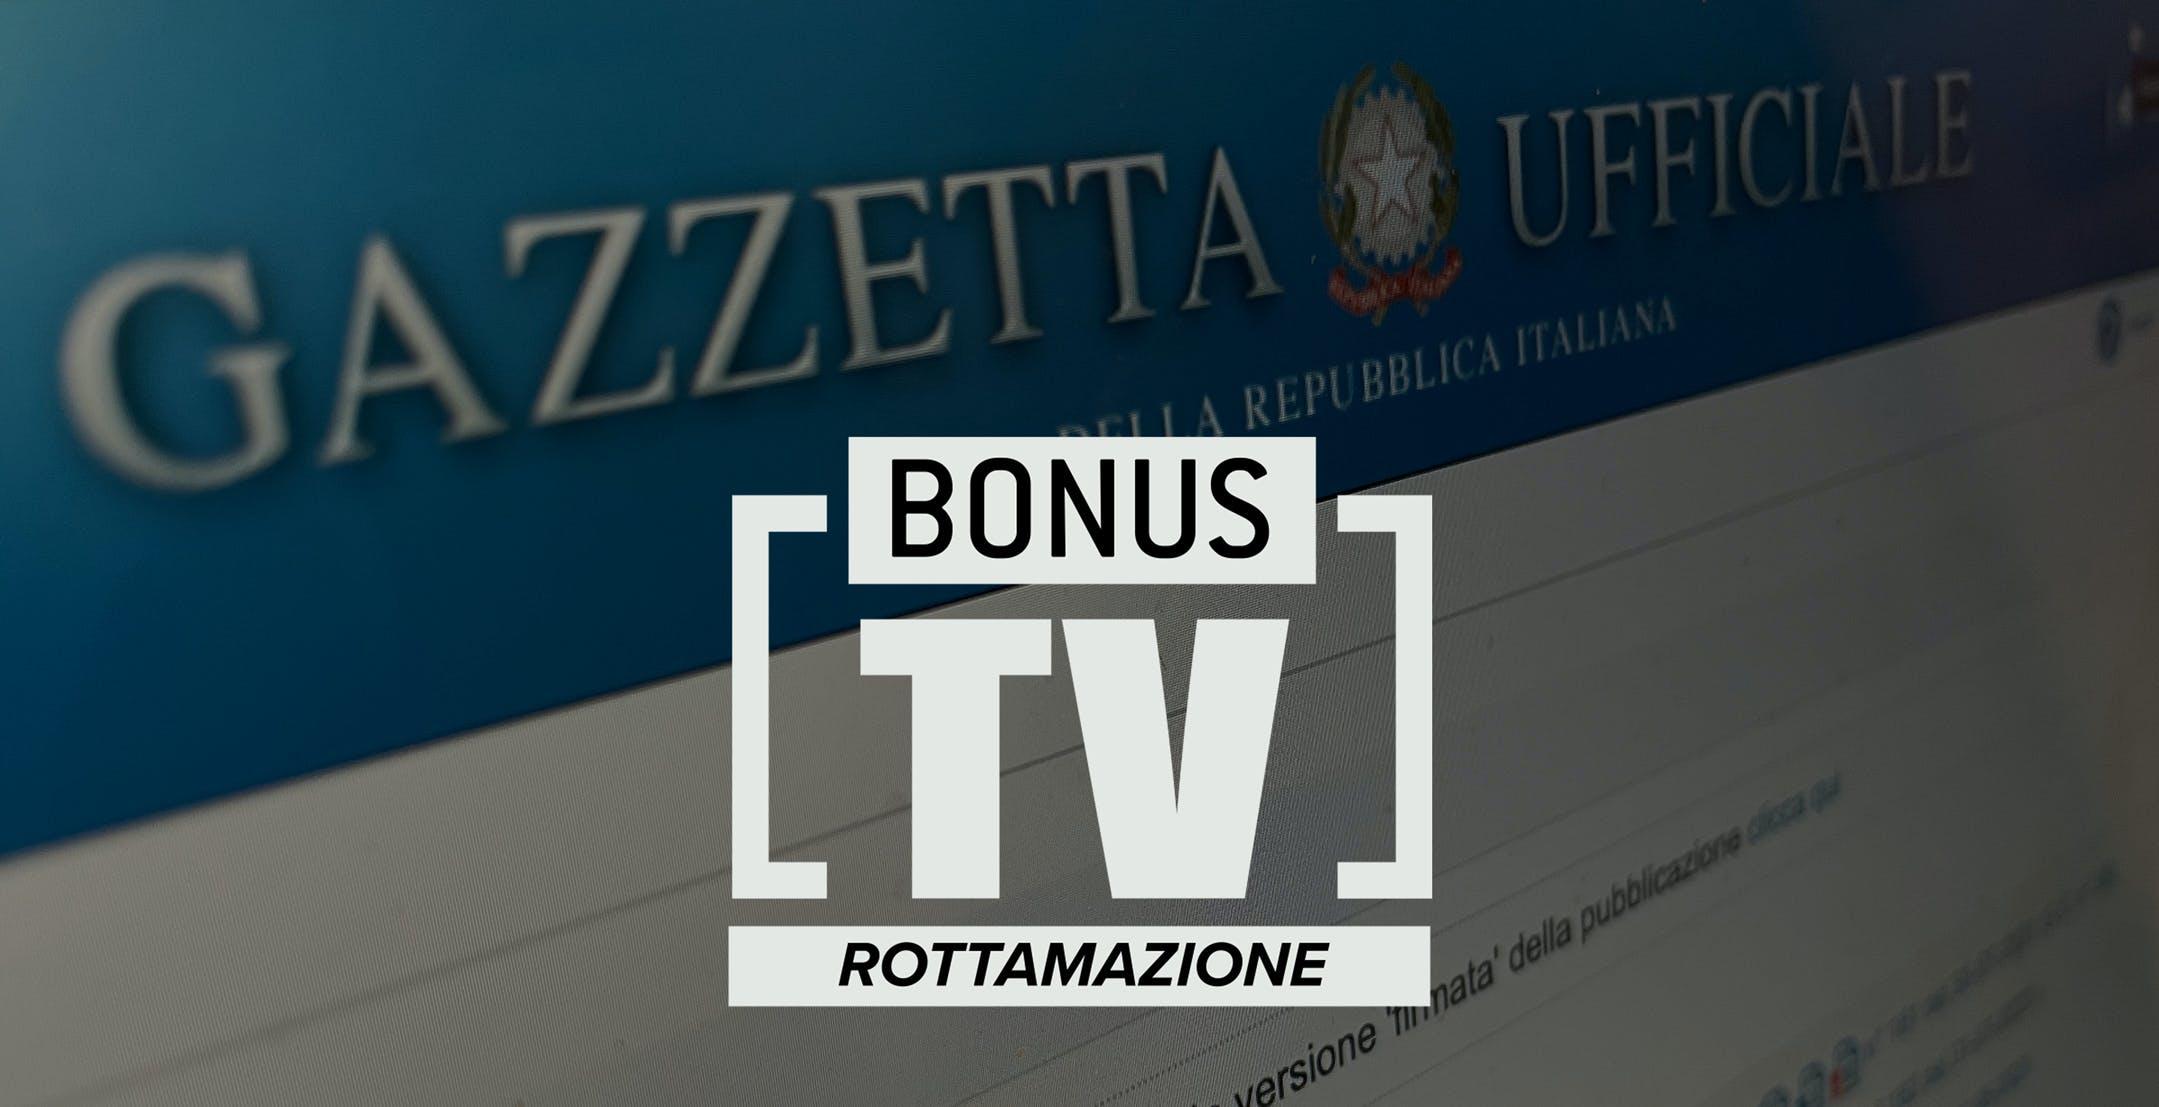 Il Bonus TV Rottamazione è in Gazzetta Ufficiale. Ecco il modulo per avere lo sconto di 100 euro